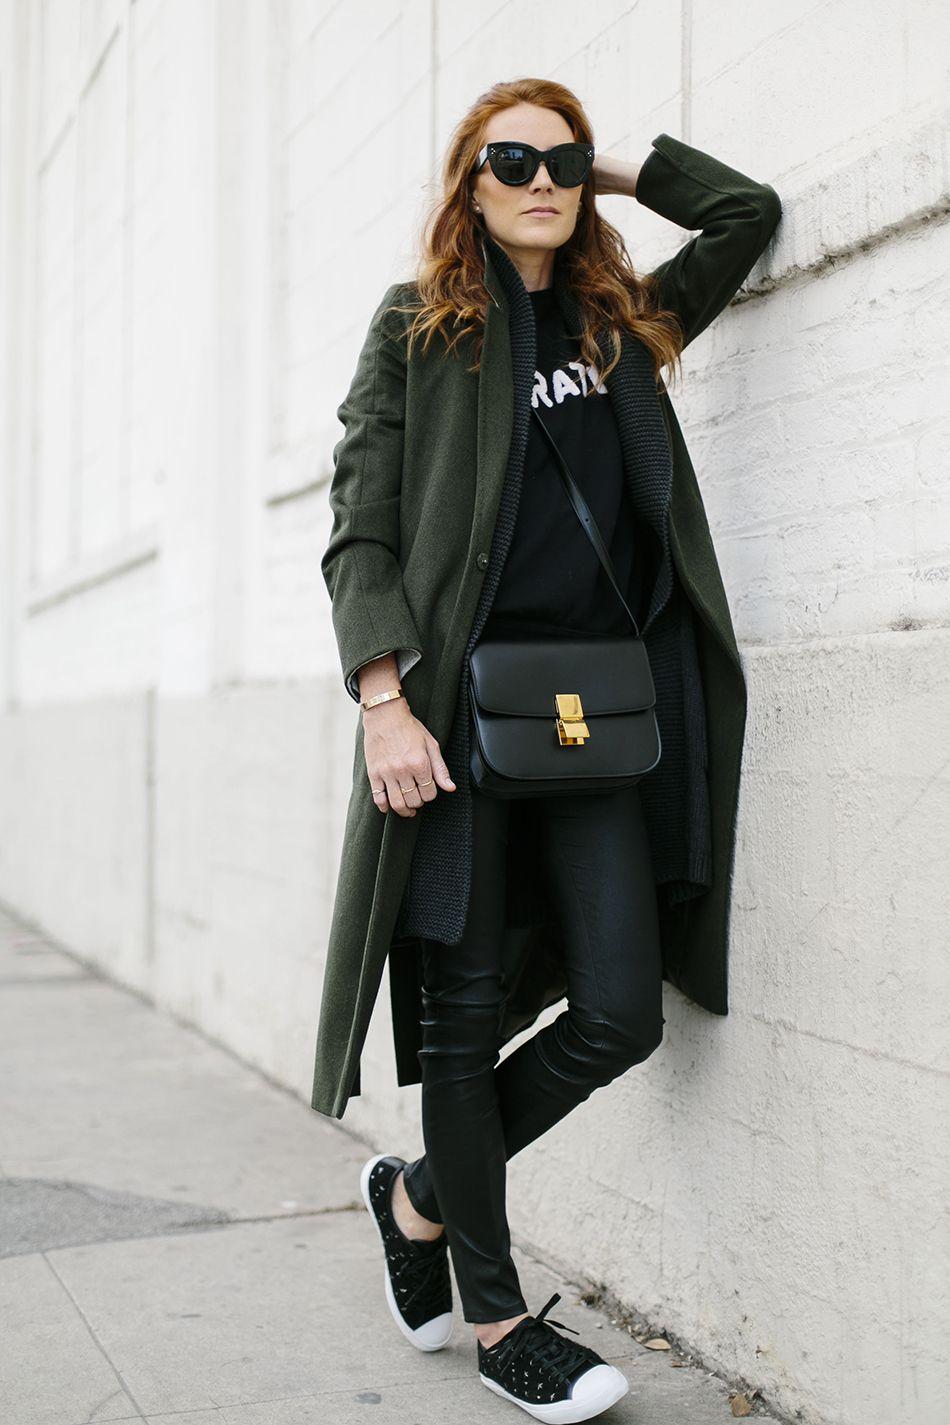 a750f5d2bb01c75ffceca2a4f1856cd8 - 8 ways to wear leather pants like a Rockstar!